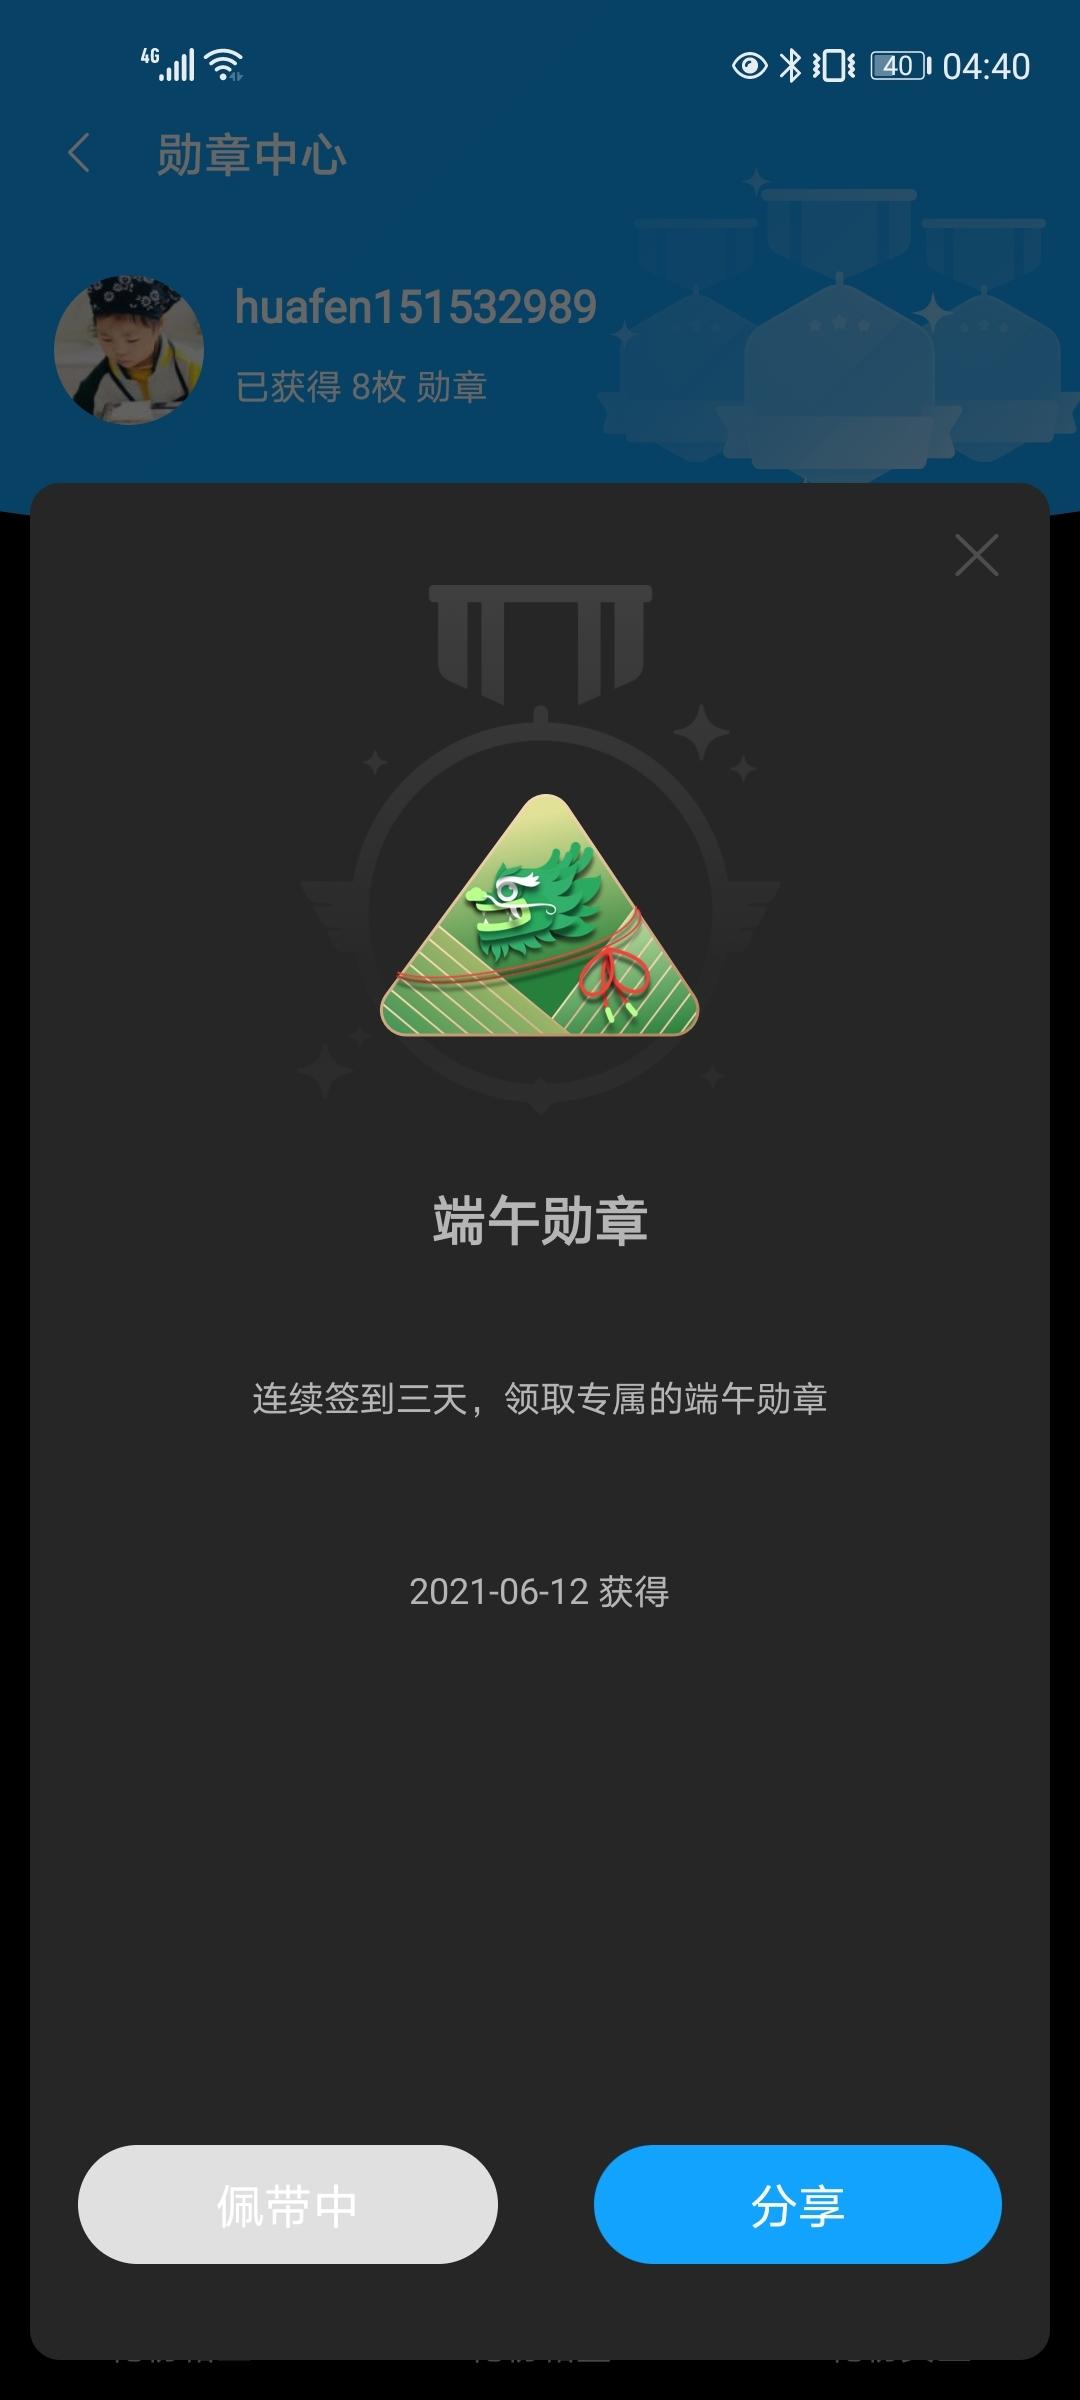 Screenshot_20210612_044017_com.huawei.fans.jpg